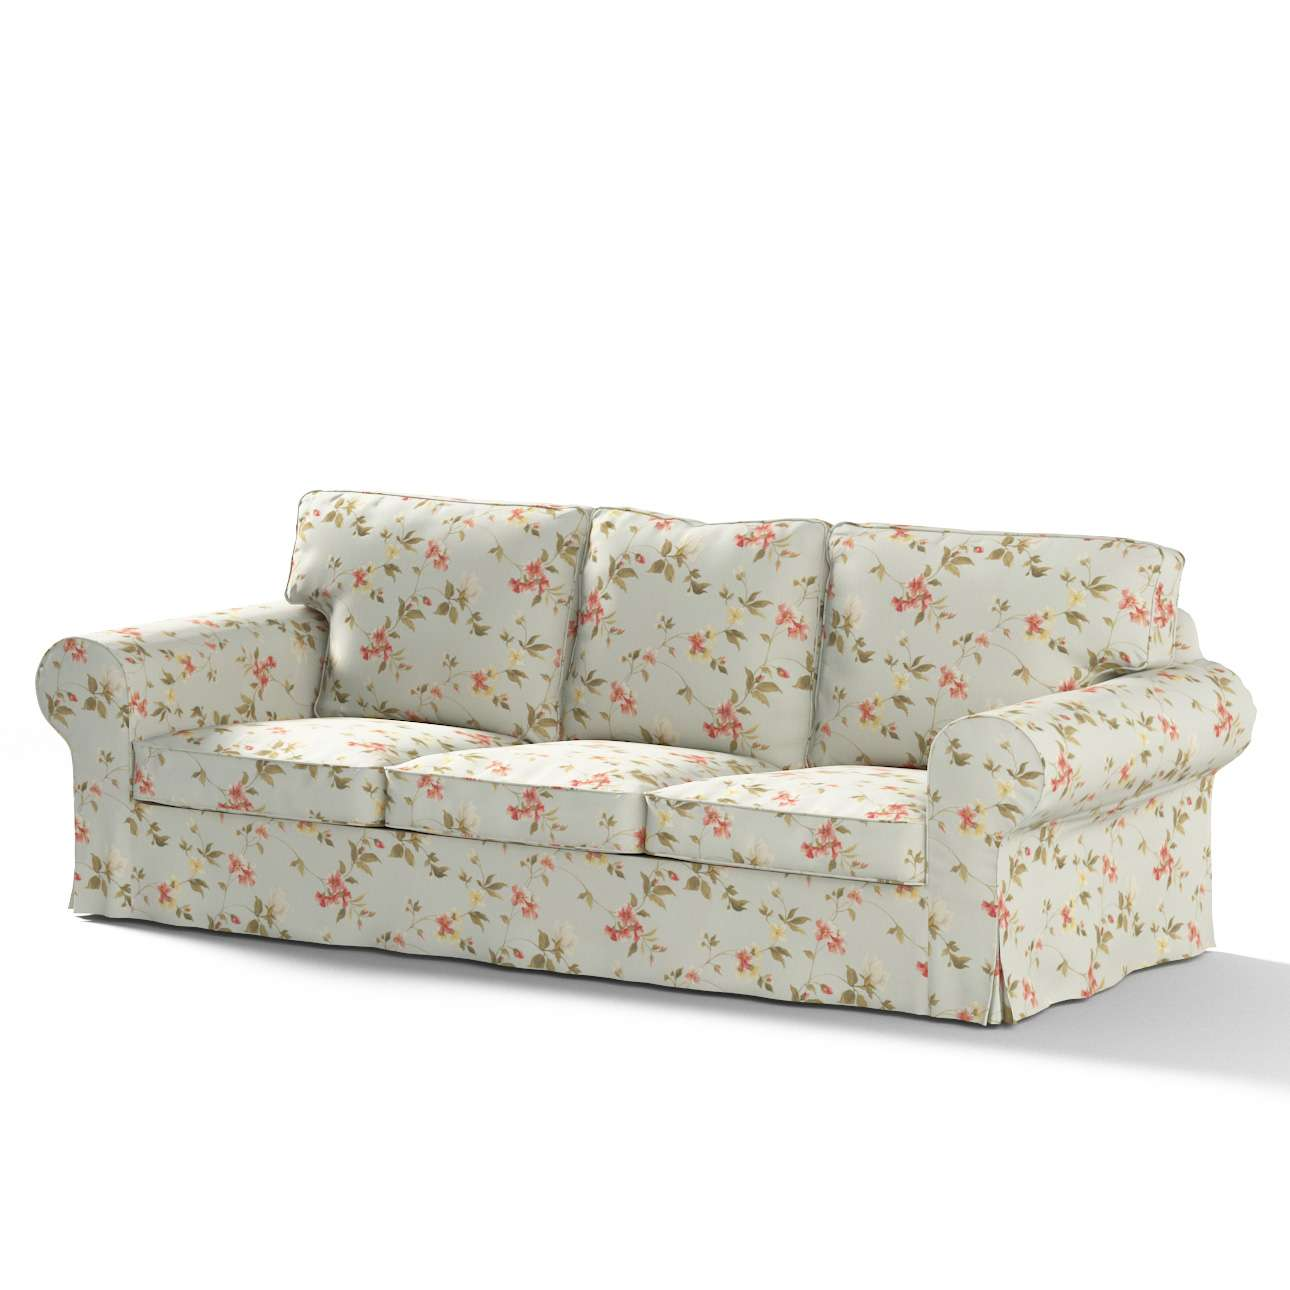 Ektorp 3 sæder Betræk uden sofa fra kollektionen Londres, Stof: 124-65